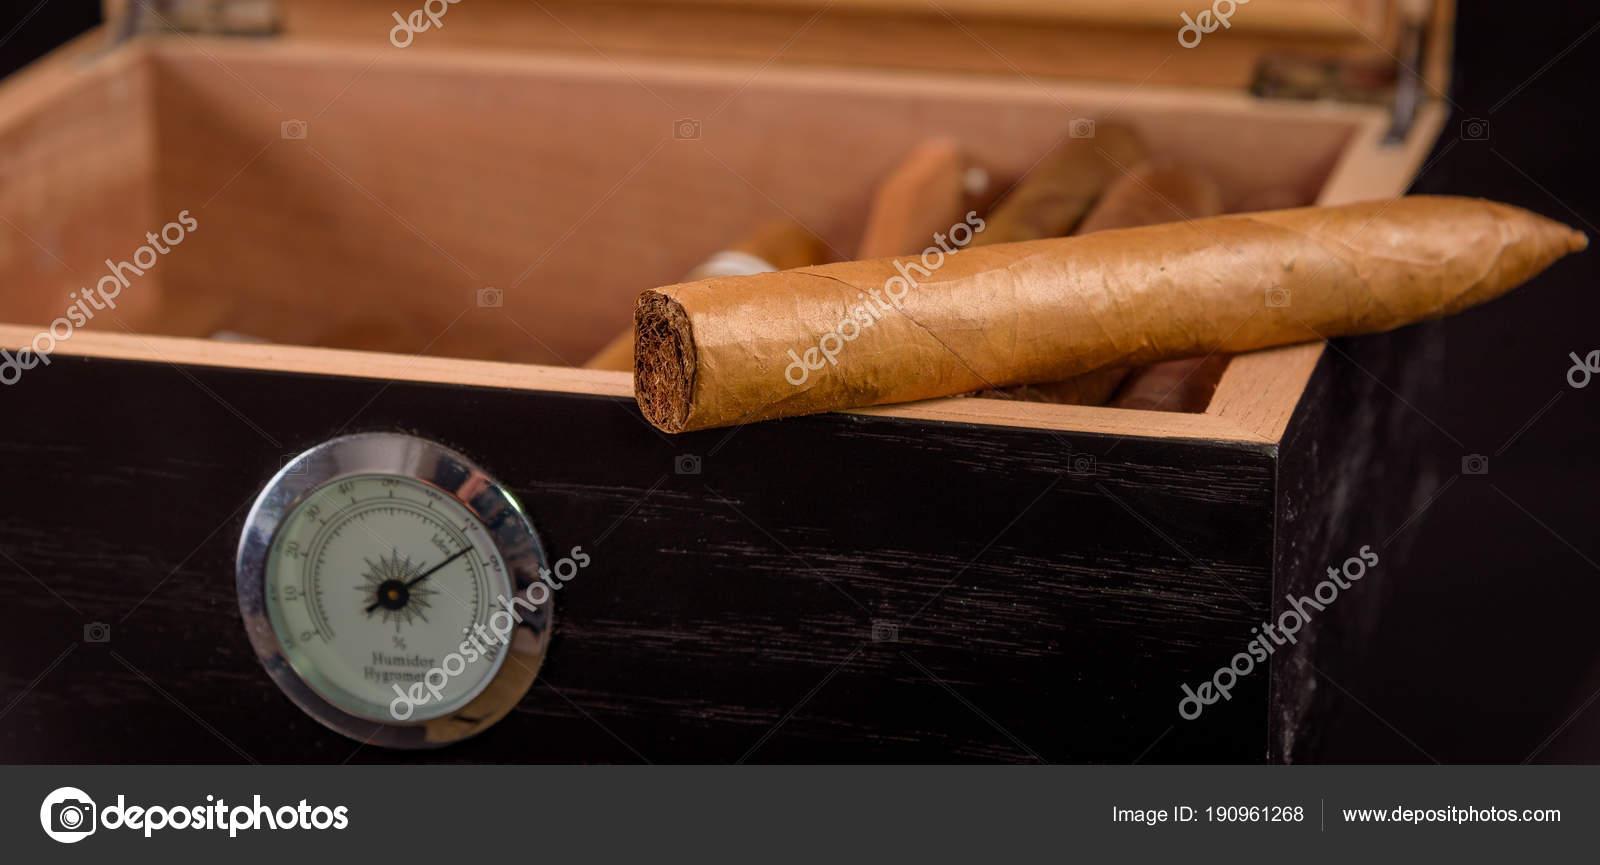 Руководство по курению сигары